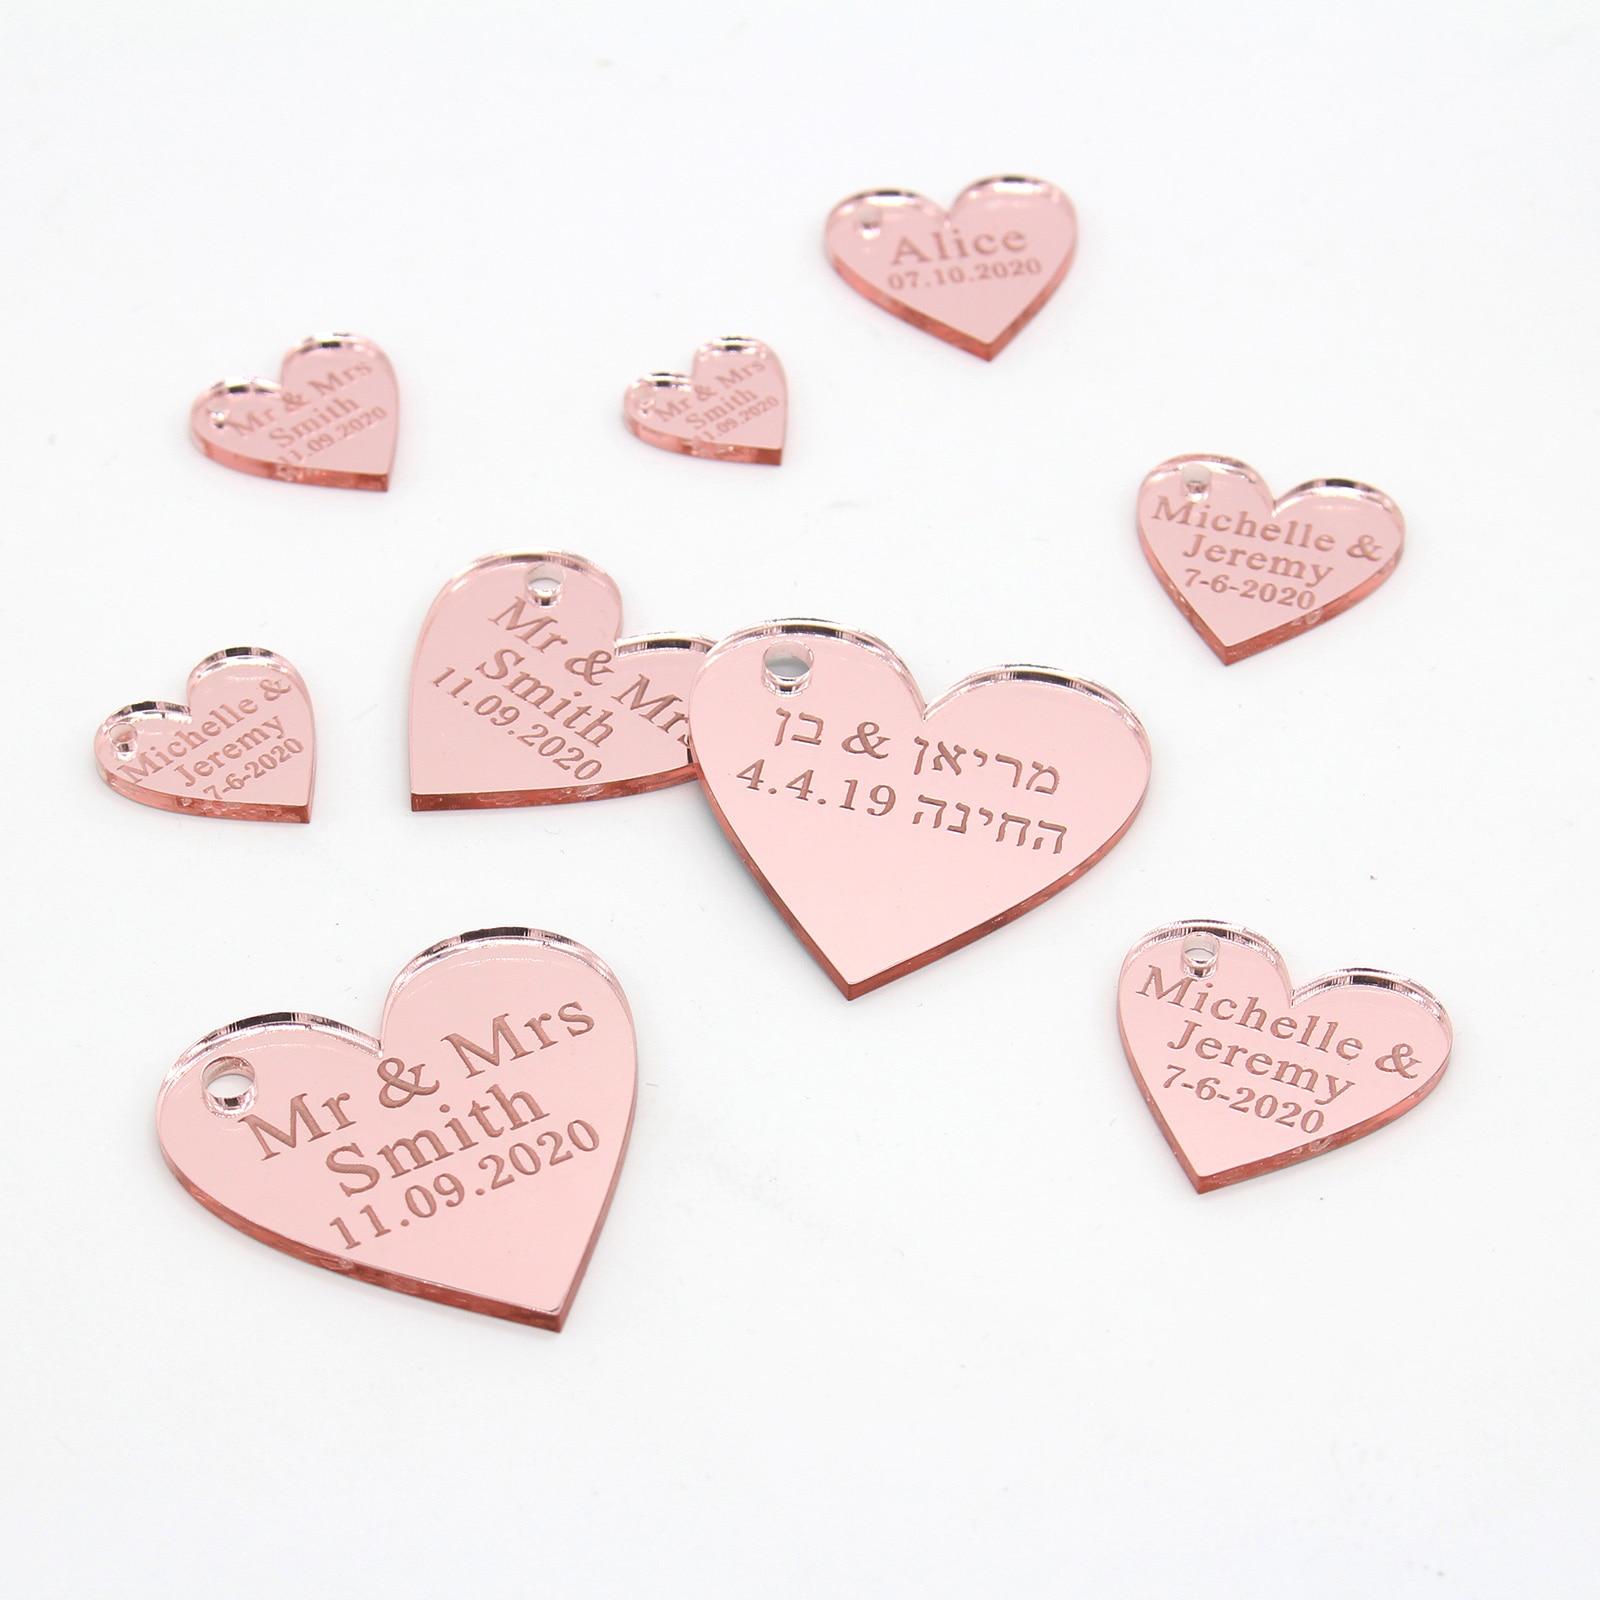 100 personnalisé Papillons Roses Amour Coeurs Bonbons Candy Faveurs Mariage Fête